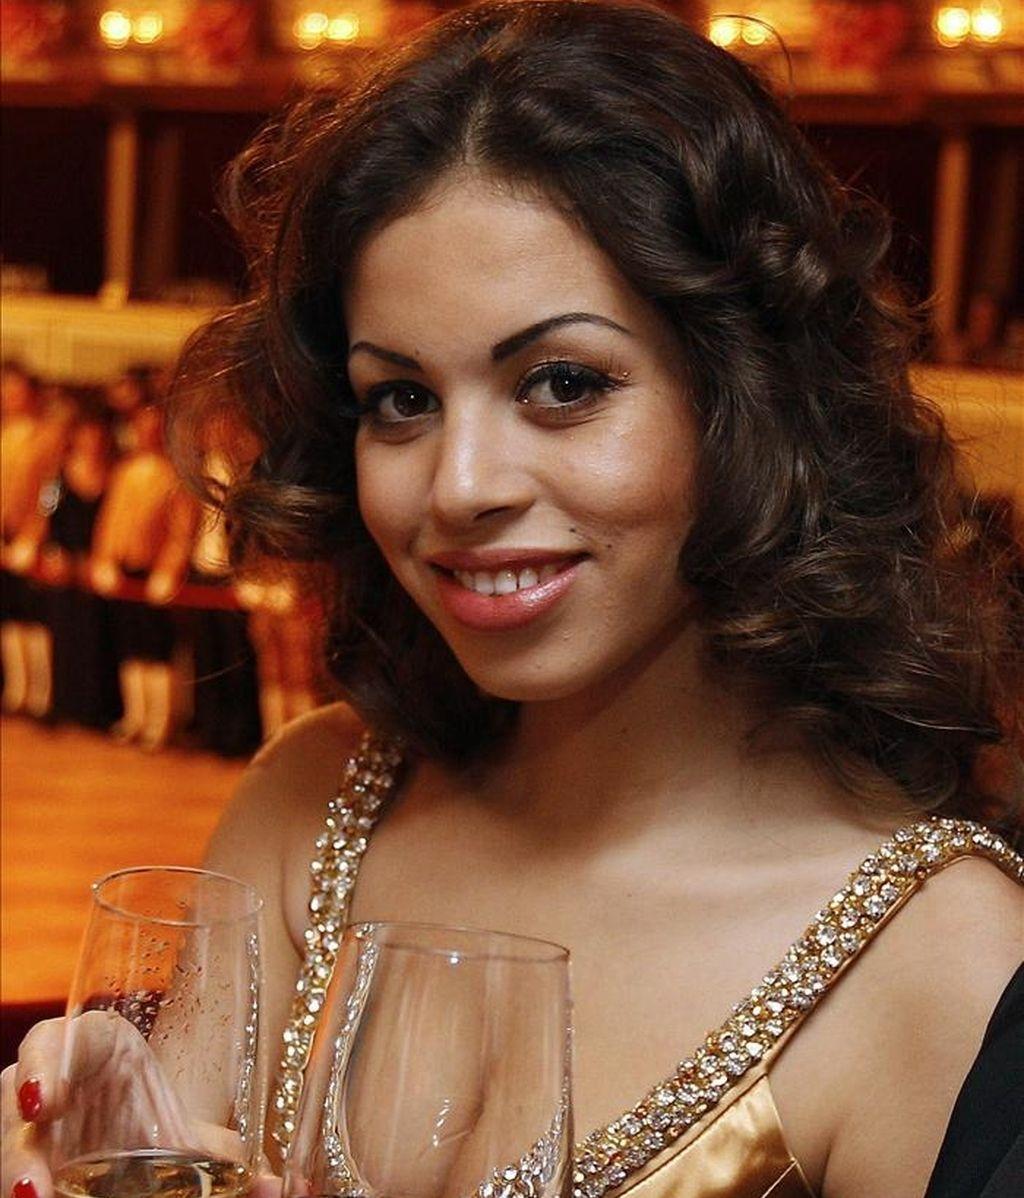 """La joven marroquí Karima El-Marough, conocida como """"Ruby Robacorazones"""", posa para los fotógrafos el pasado 3 de marzo,  en el Baile de la Ópera en Viena, Austria. EFE/Austria"""